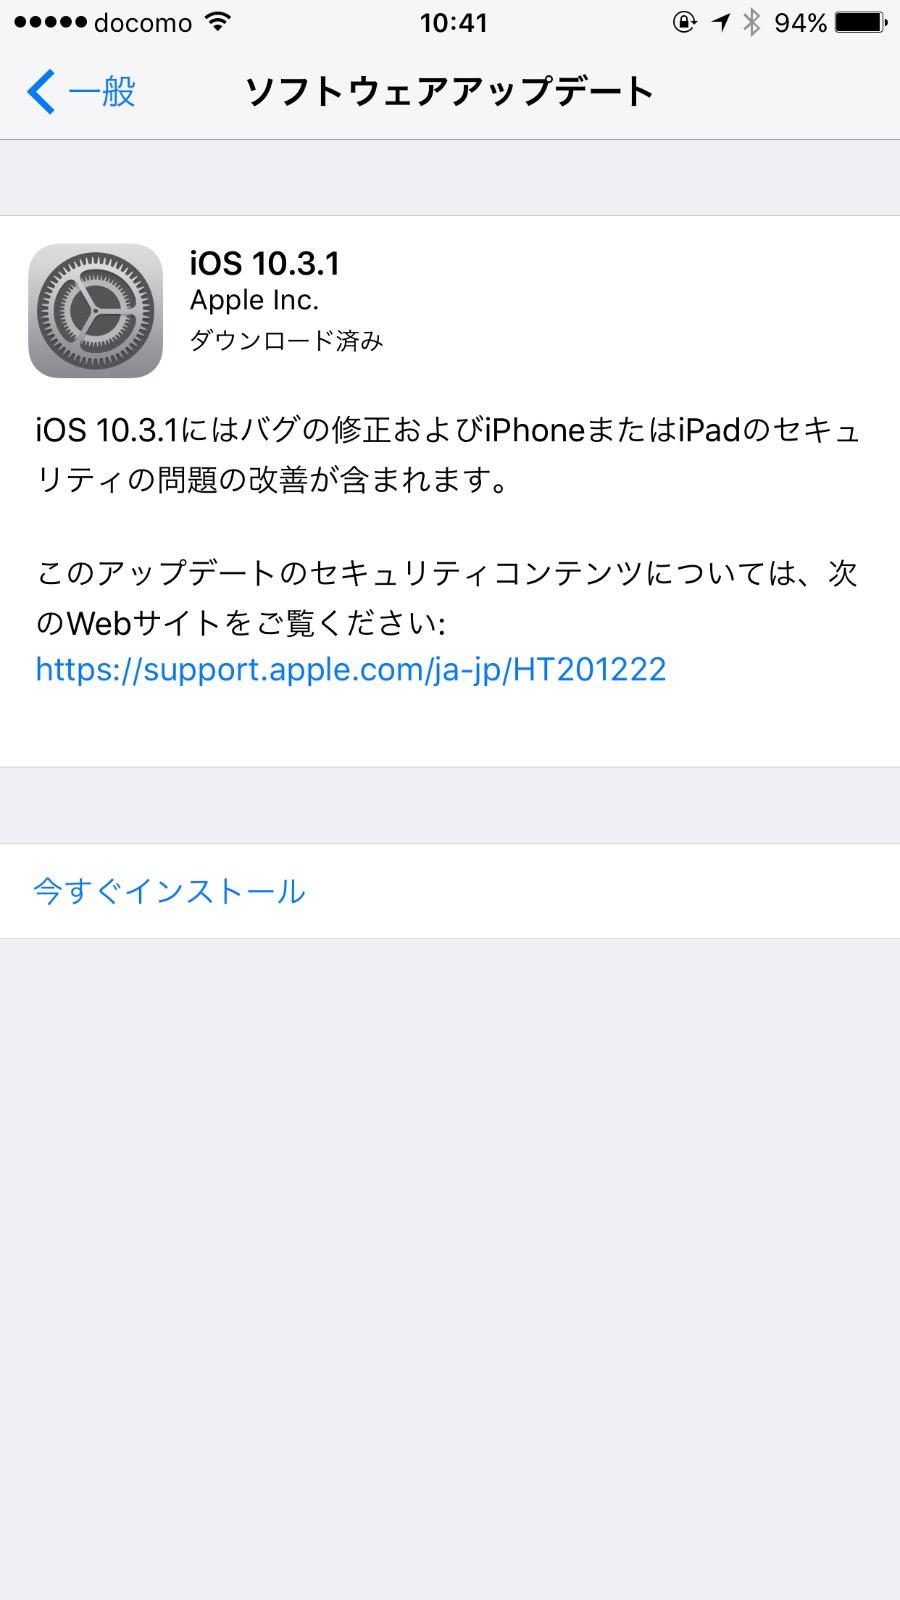 【iOS 10】「iOS 10.3.1」リリース 〜バグの修正及びセキュリティ問題の改善